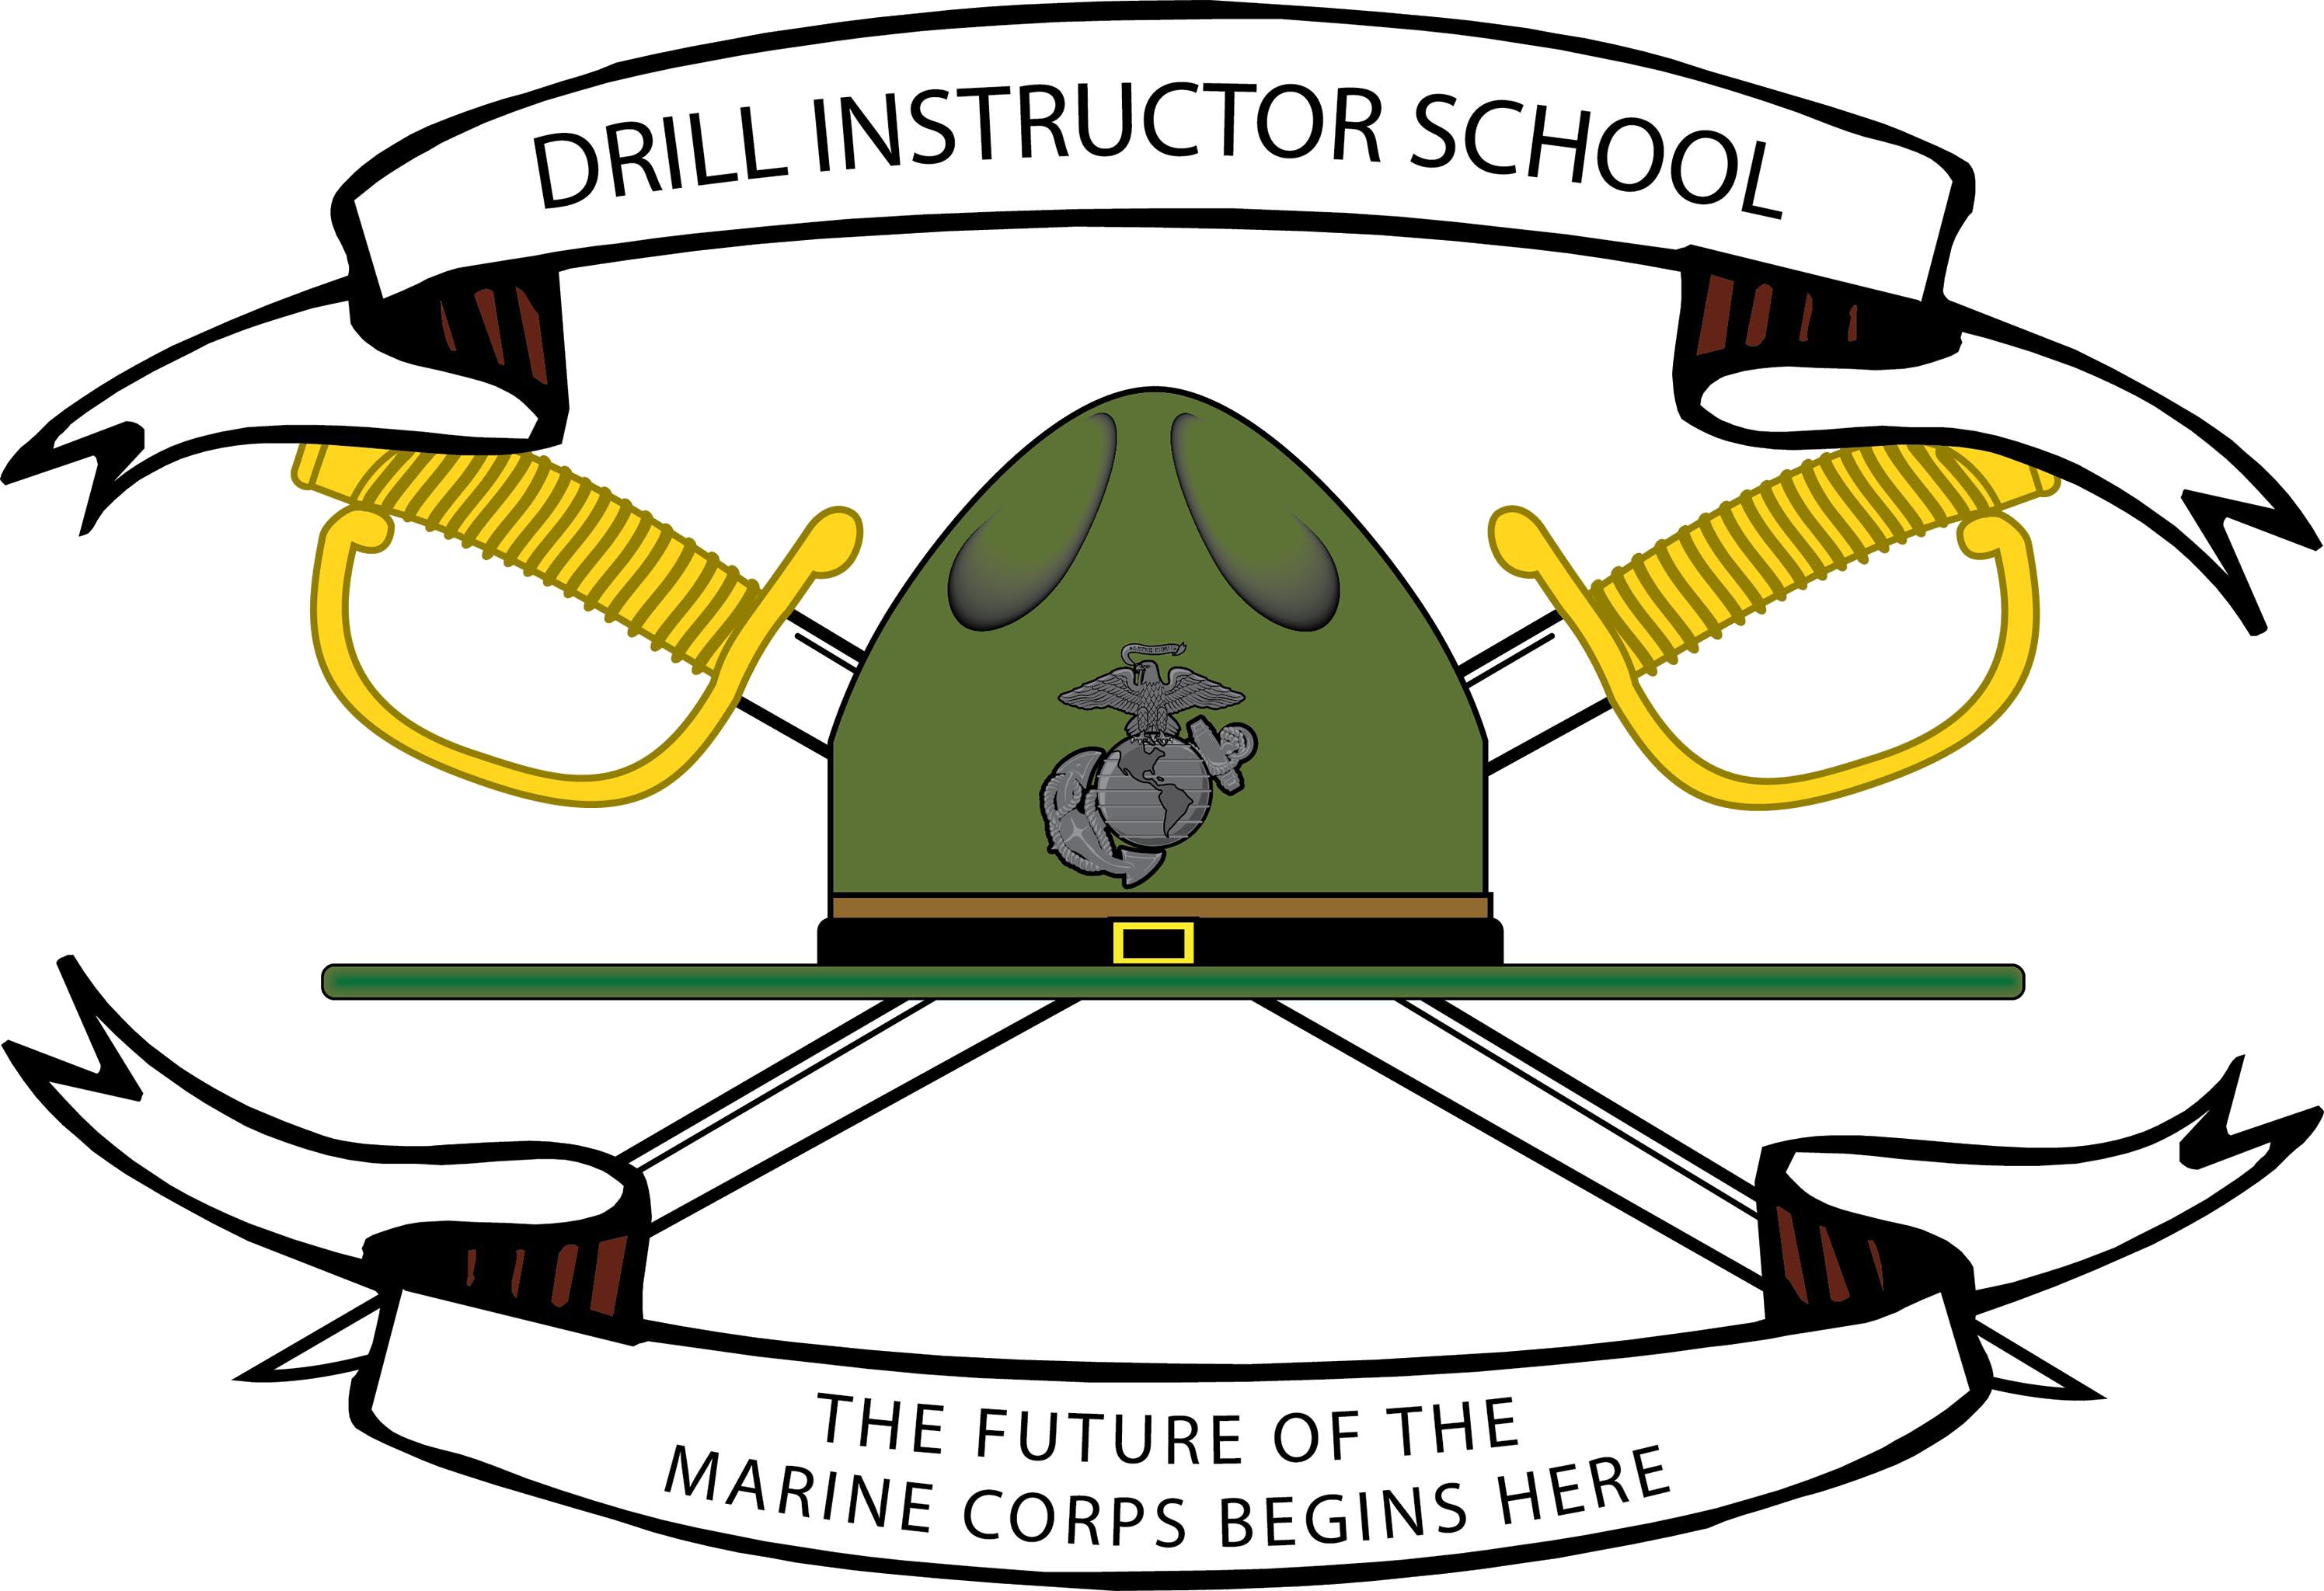 Drill Instructors School, MCRD PI, SC